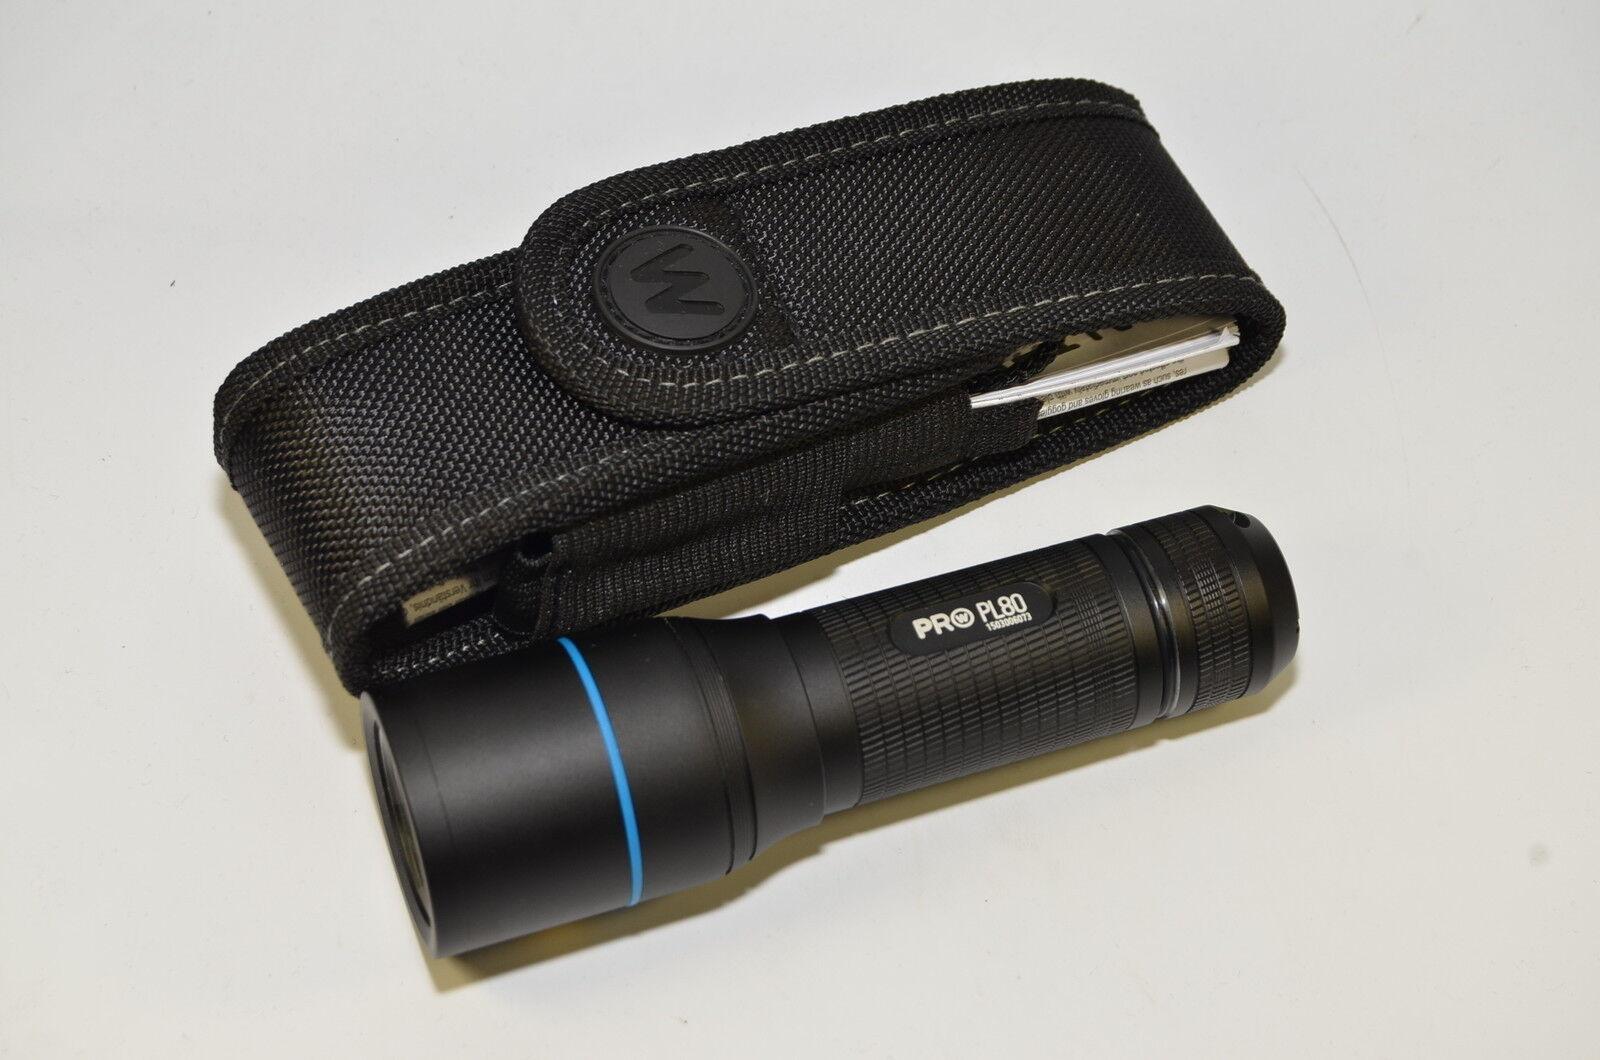 Walther Pro Pro Pro PL80 LED Taschenlampe 600 Lumen Set mit Signalkappen Wegrollschutz 940117